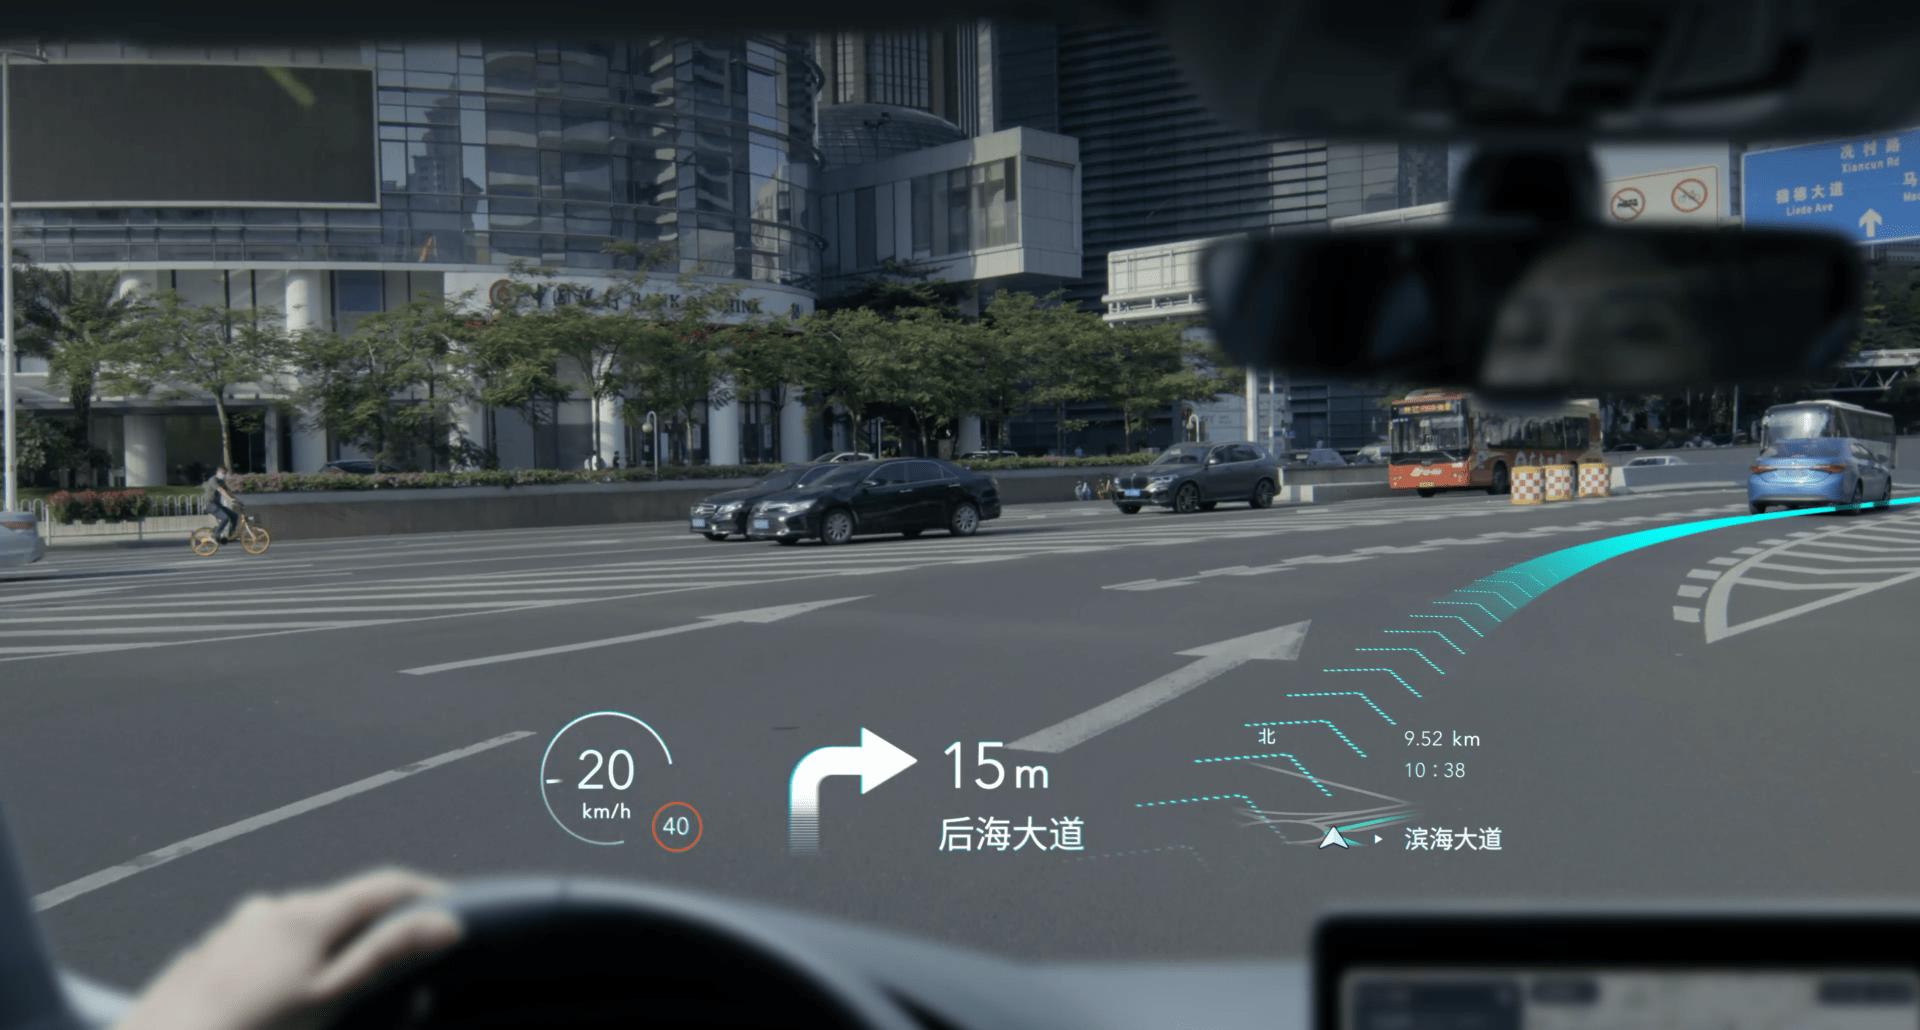 """腾讯智能旅游发布AR导航  推进""""时间计划""""促进智能座舱工业的发展"""